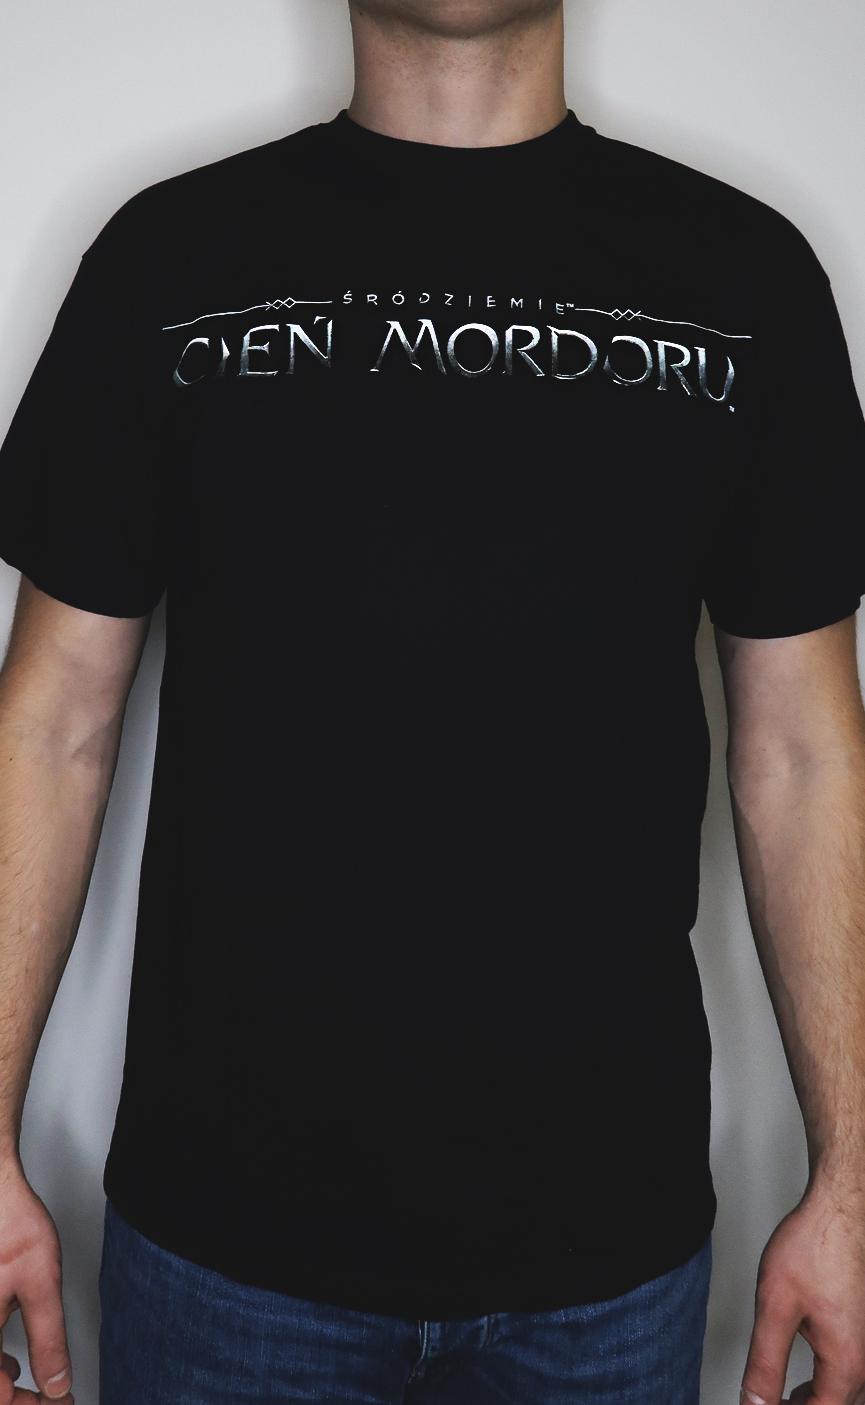 Koszulka Śródziemie Cień Mordoru - rozmiar XL